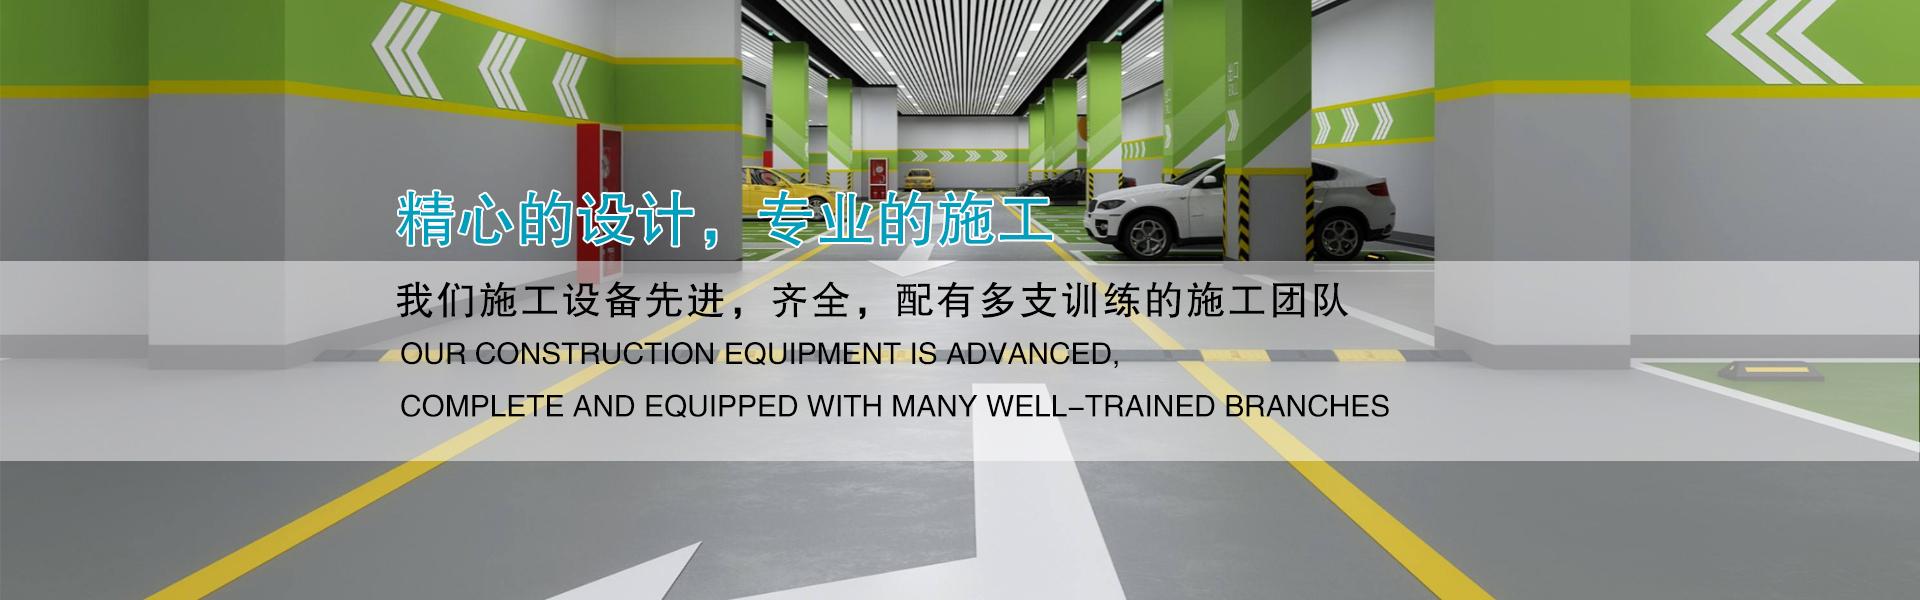 沈阳固特威地坪工程科技有限公司